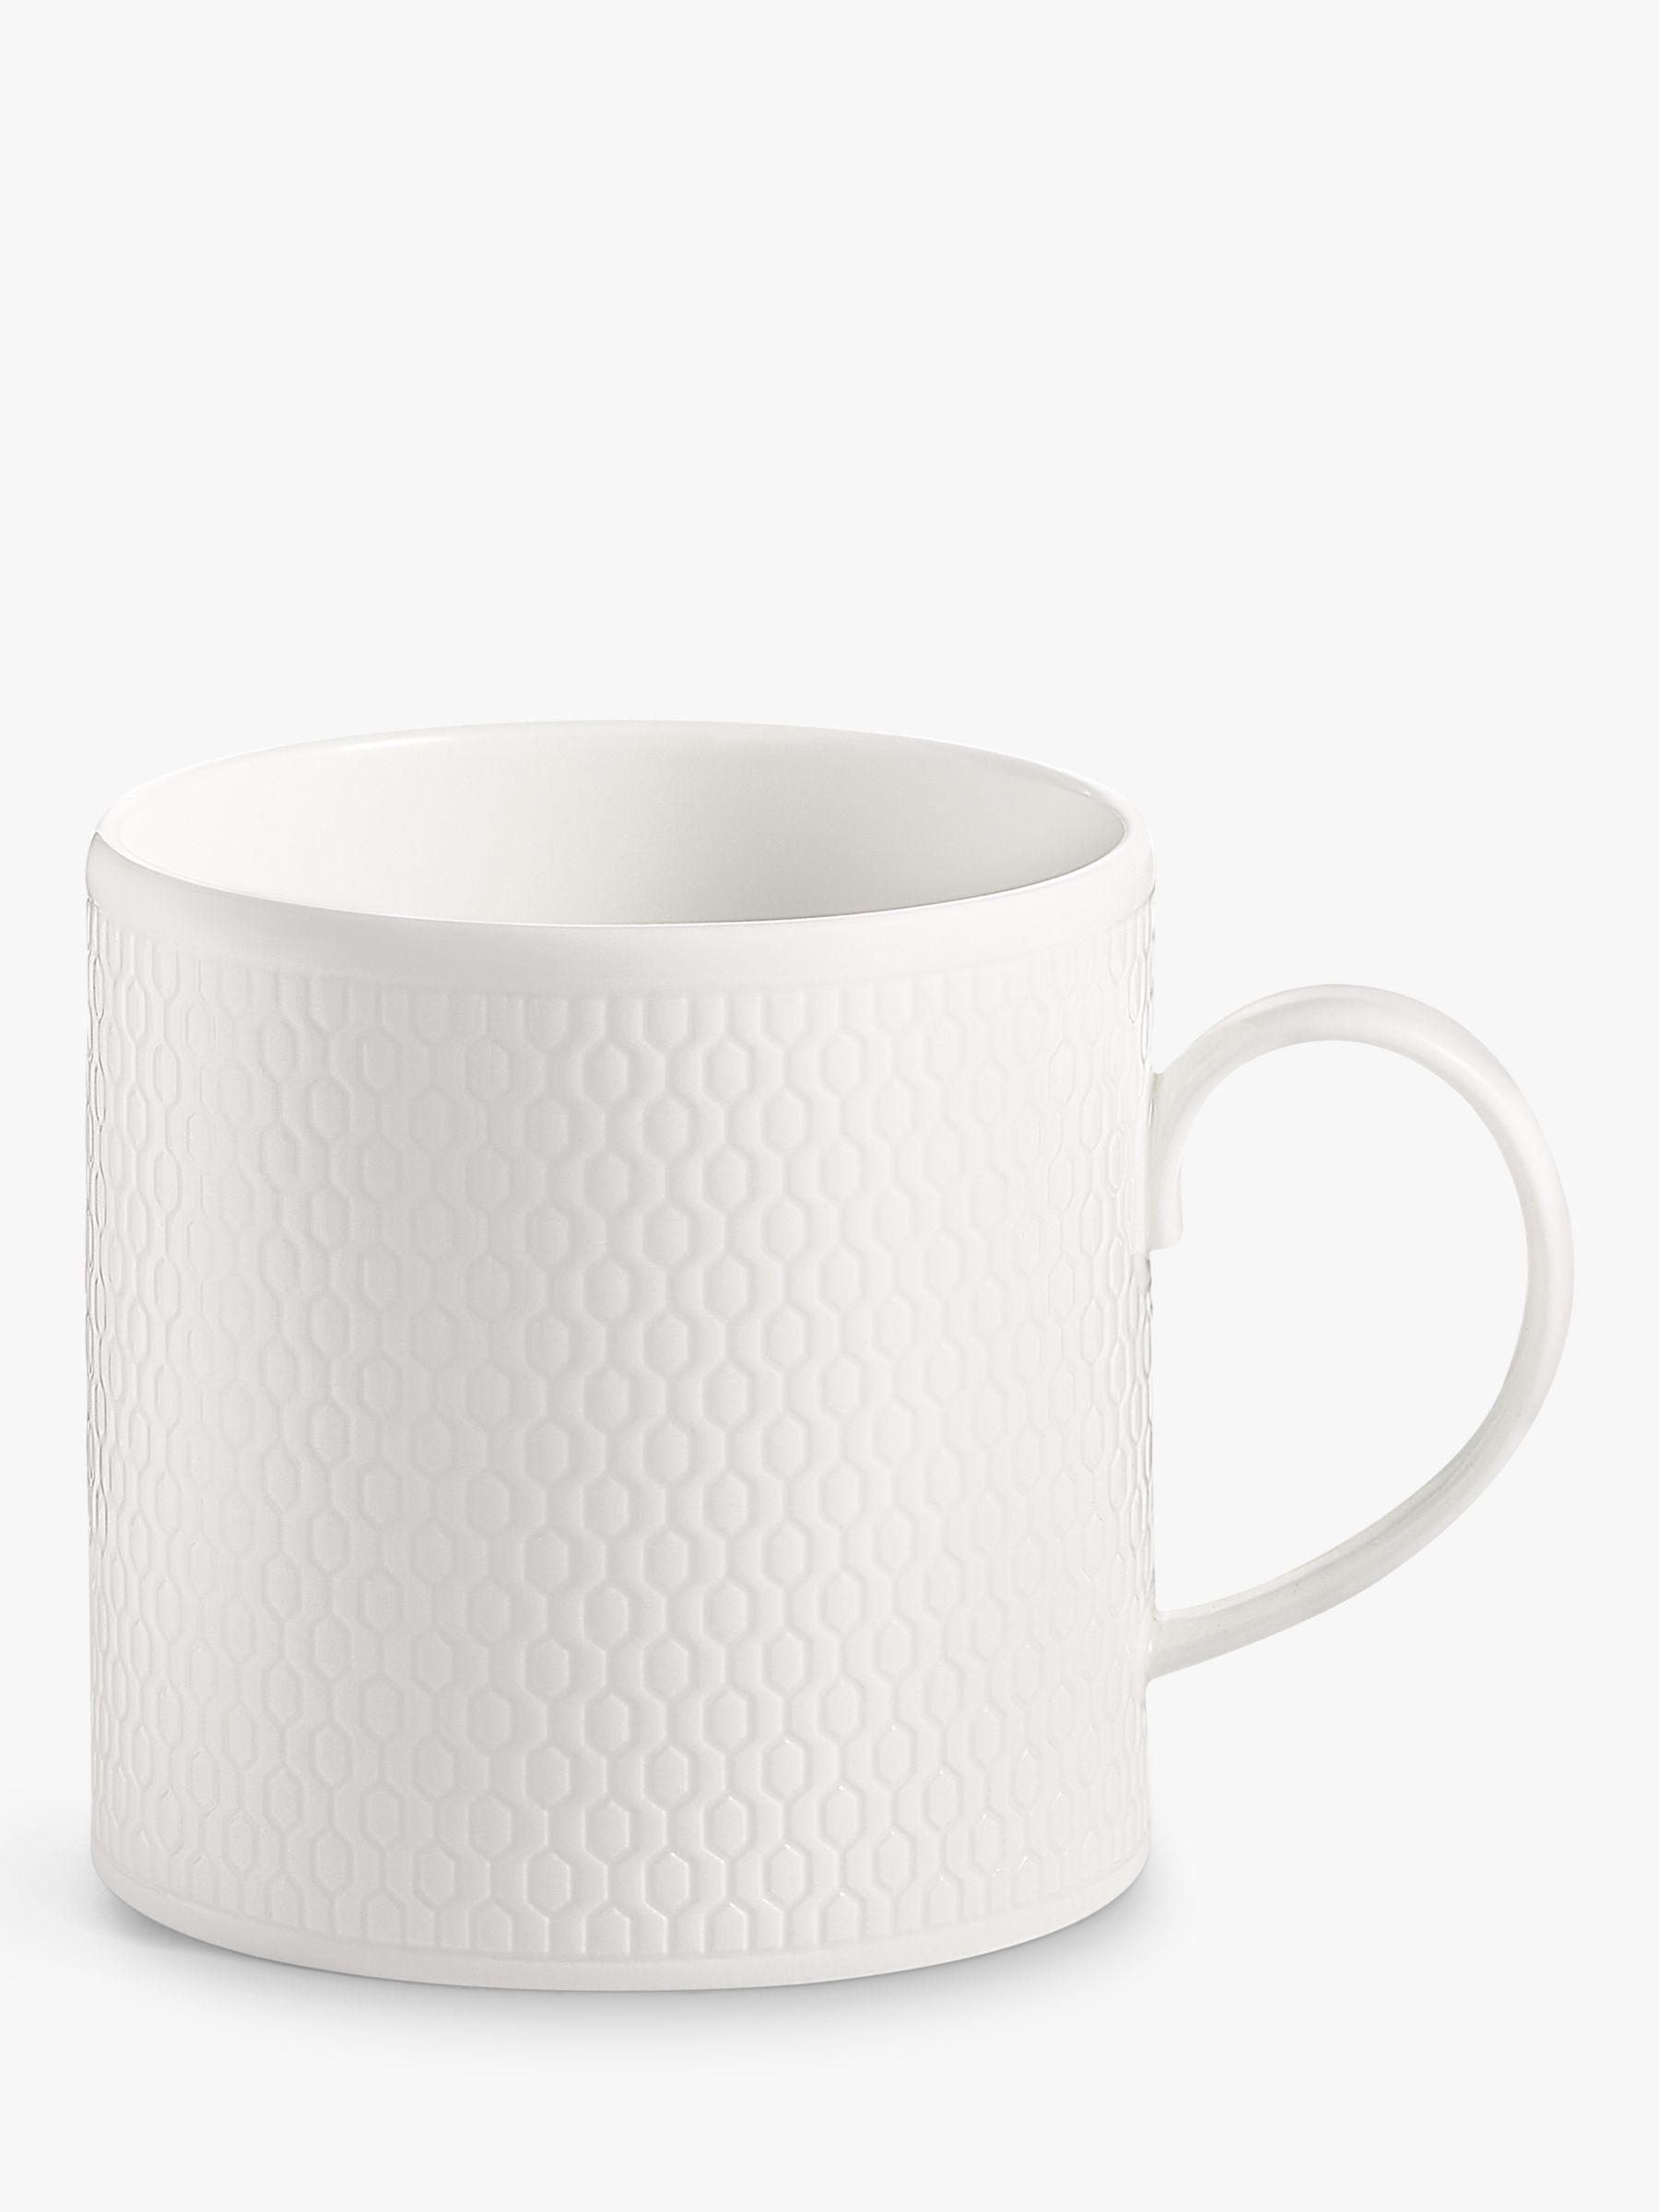 Wedgwood Wedgwood Gio Mug, White, 300ml